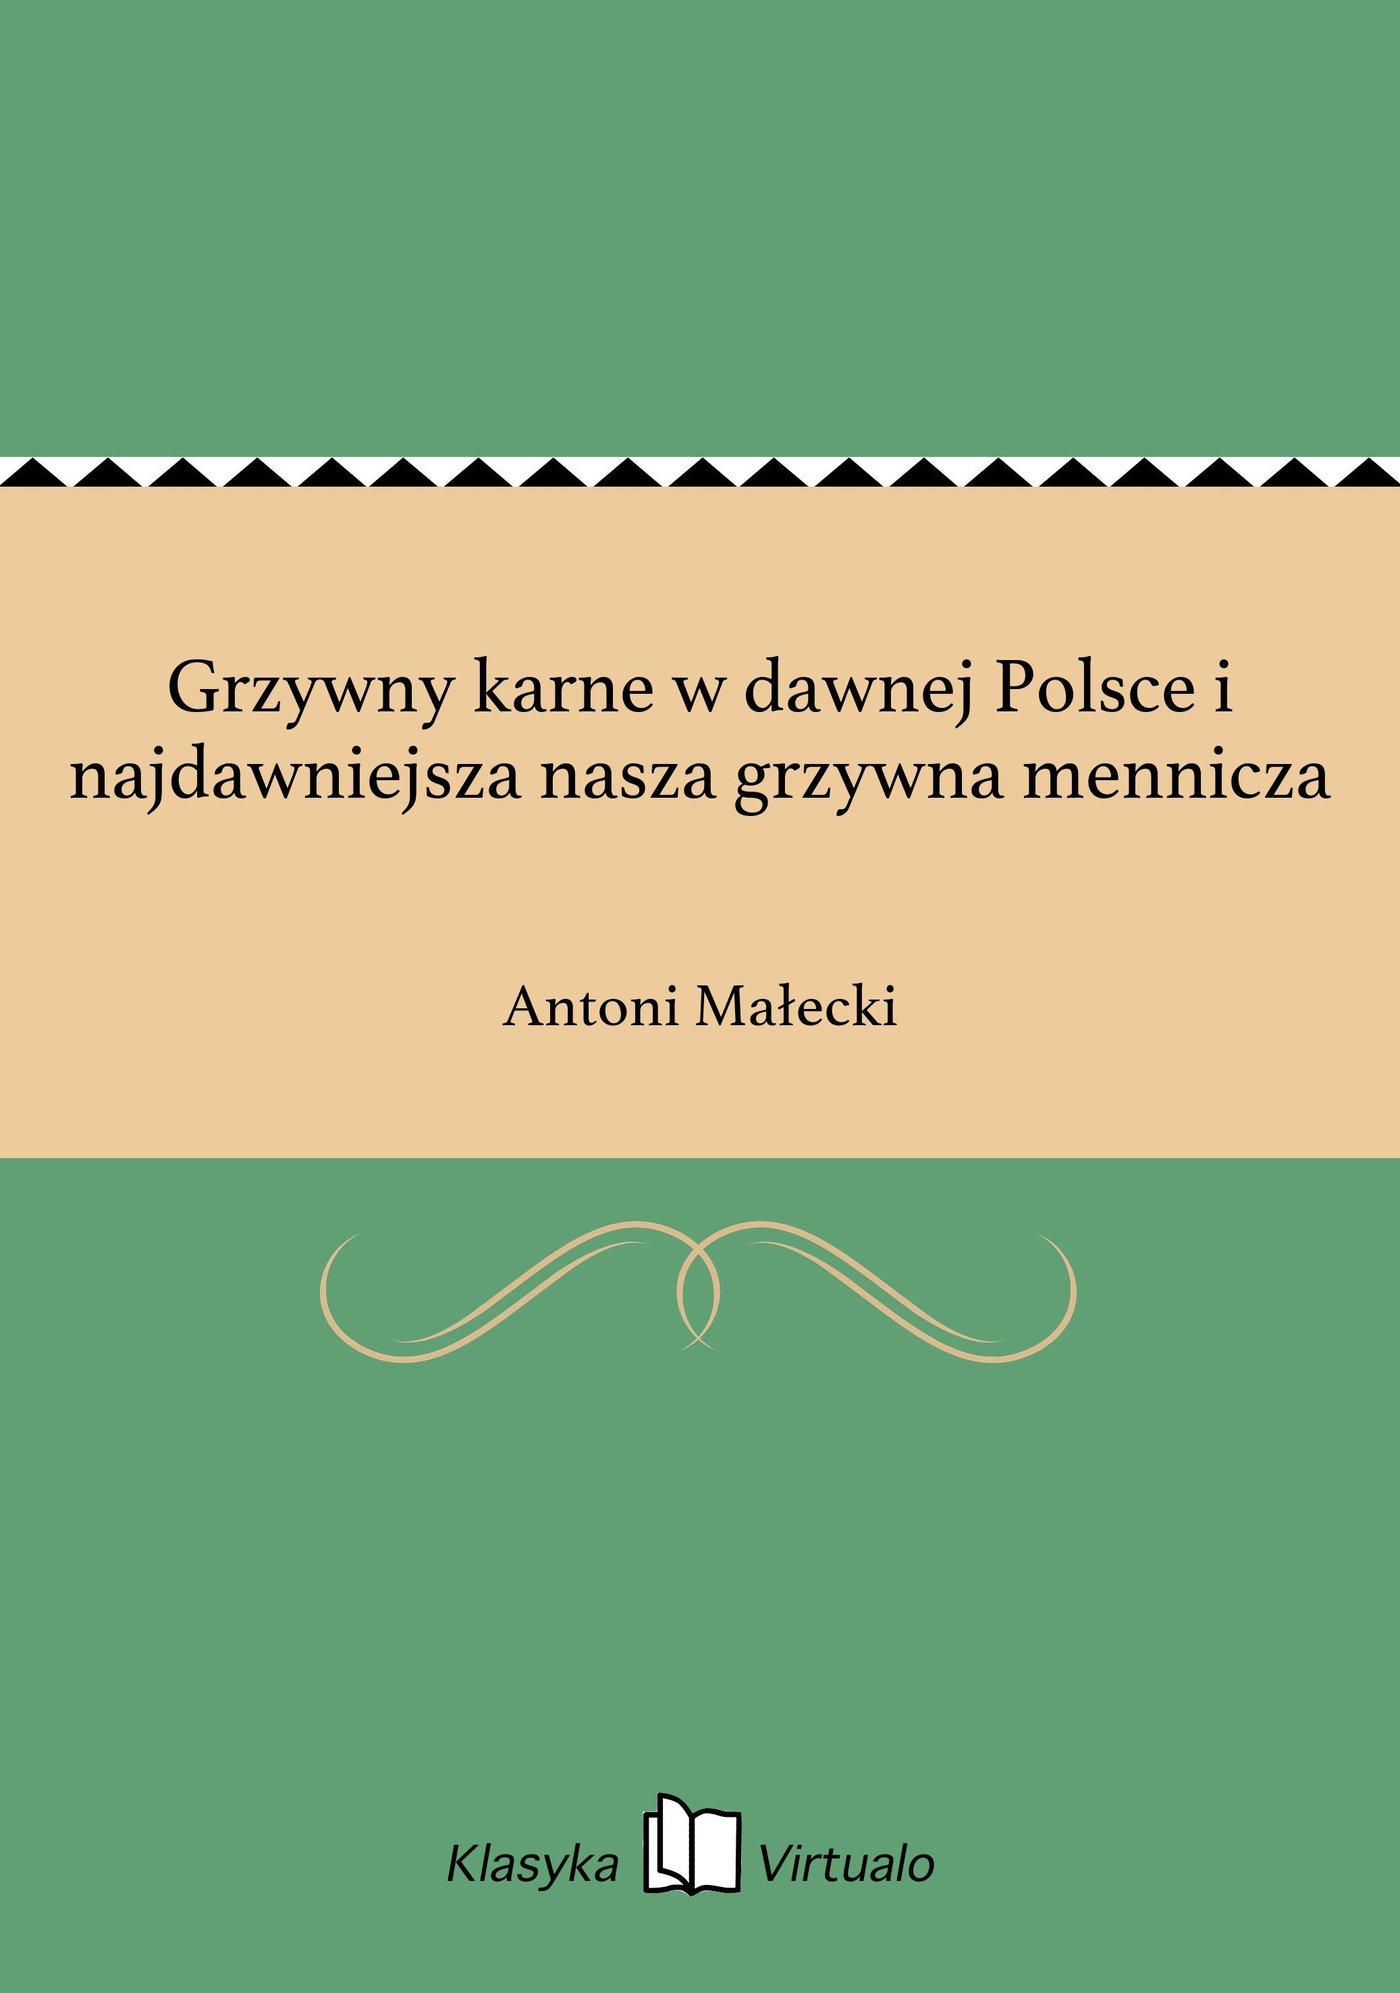 Grzywny karne w dawnej Polsce i najdawniejsza nasza grzywna mennicza - Ebook (Książka na Kindle) do pobrania w formacie MOBI